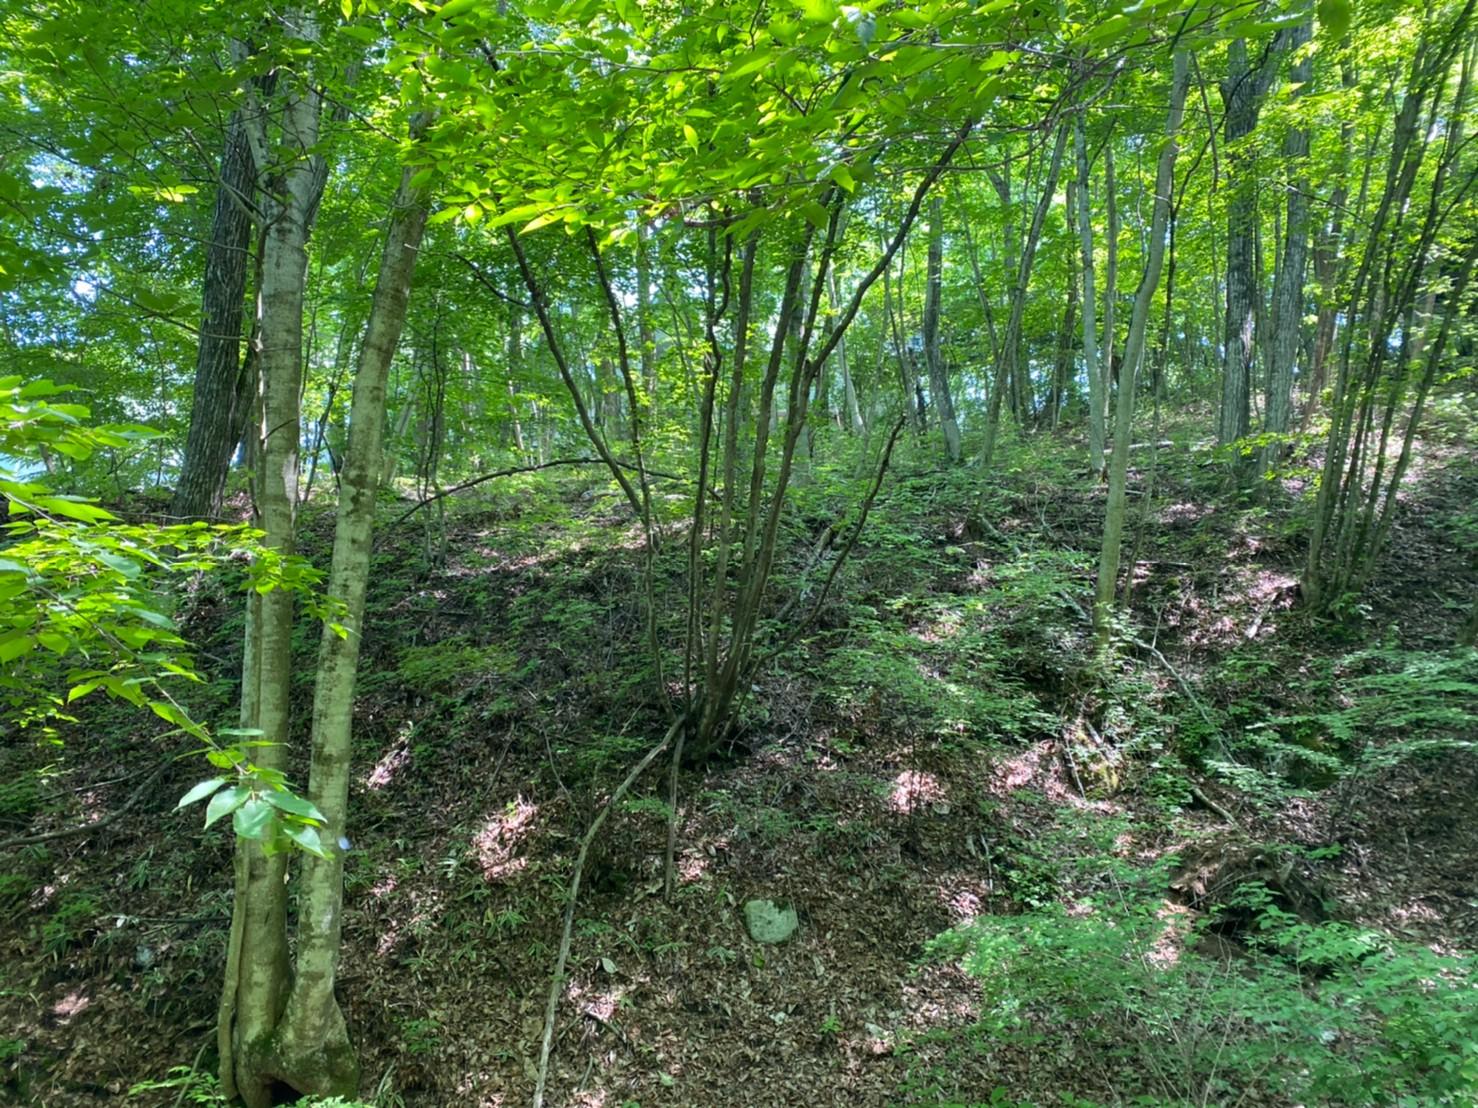 【八風の郷土地】八風山の麓に位置する緑とせせらぎを感じる生活